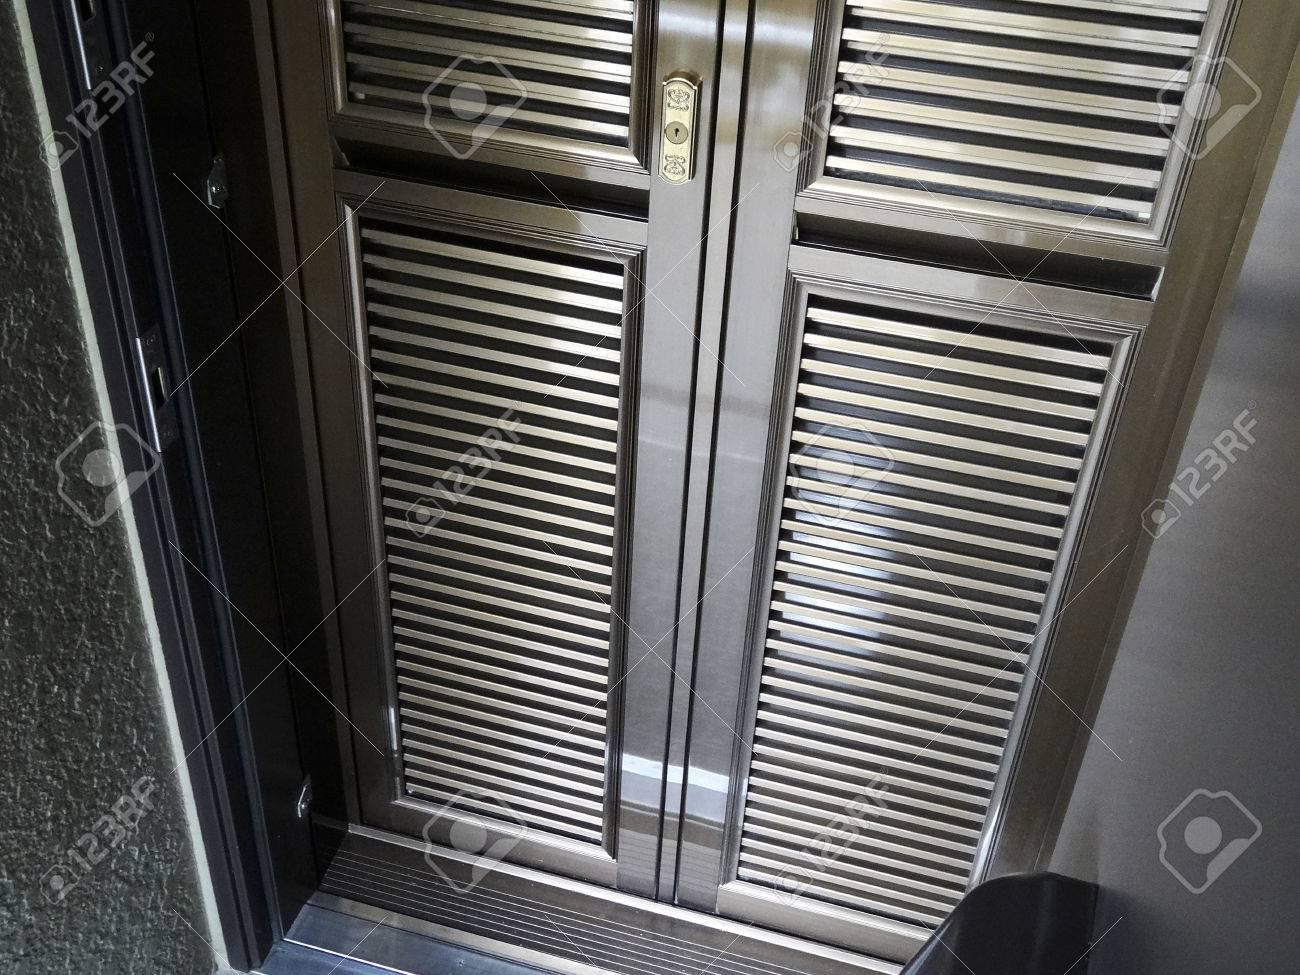 Screen door of the apartment entrance door